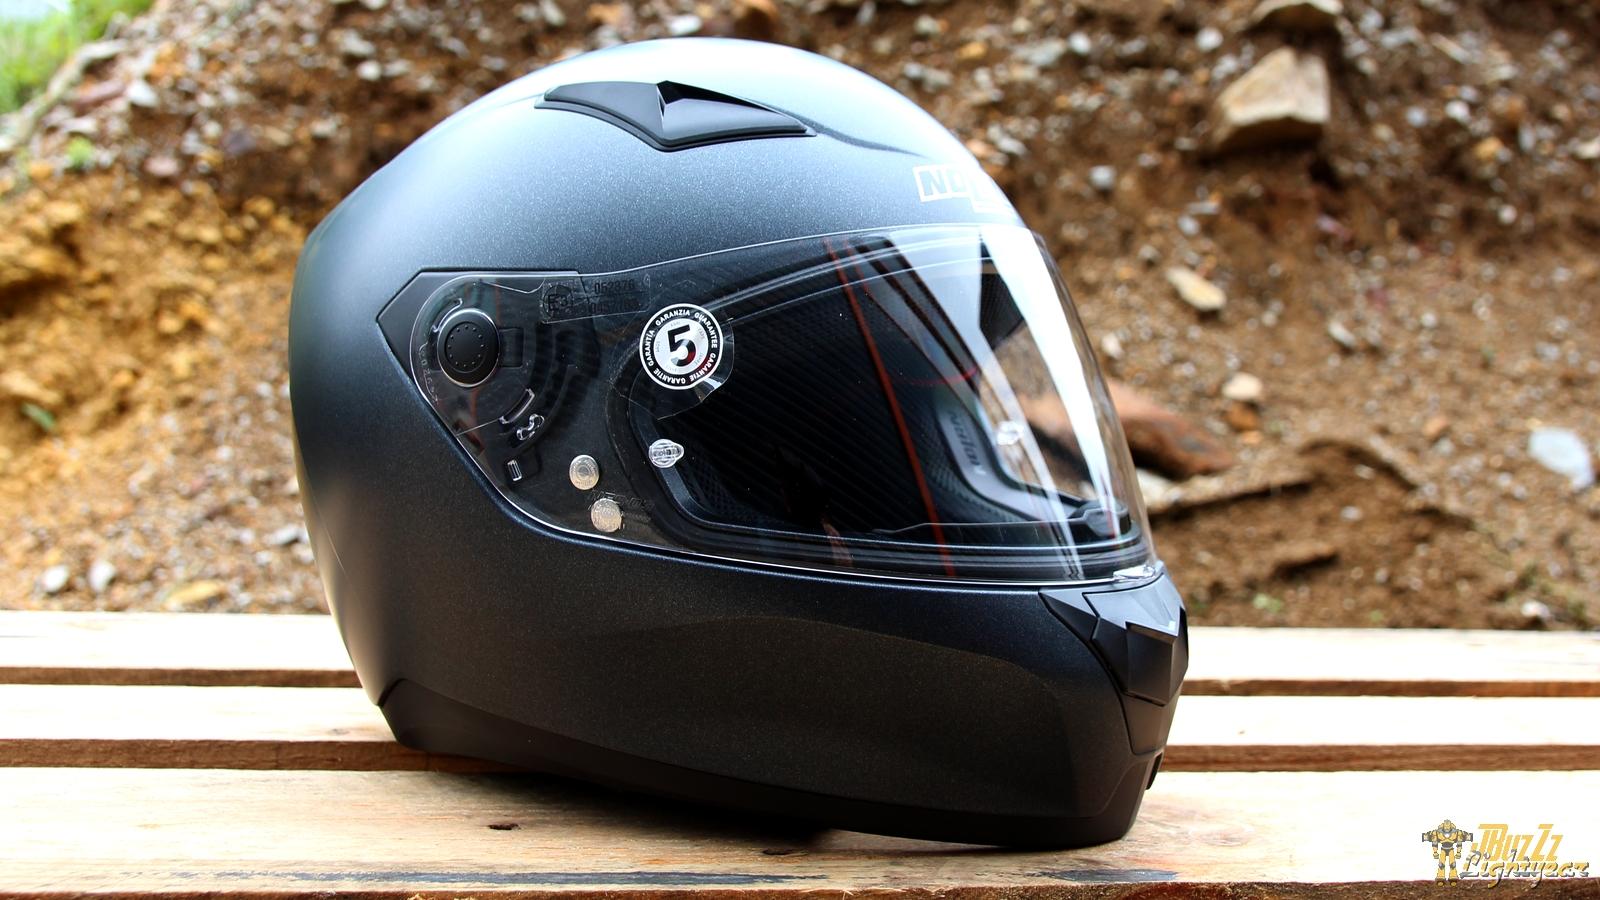 Look du casque Nolan N60.5 Special